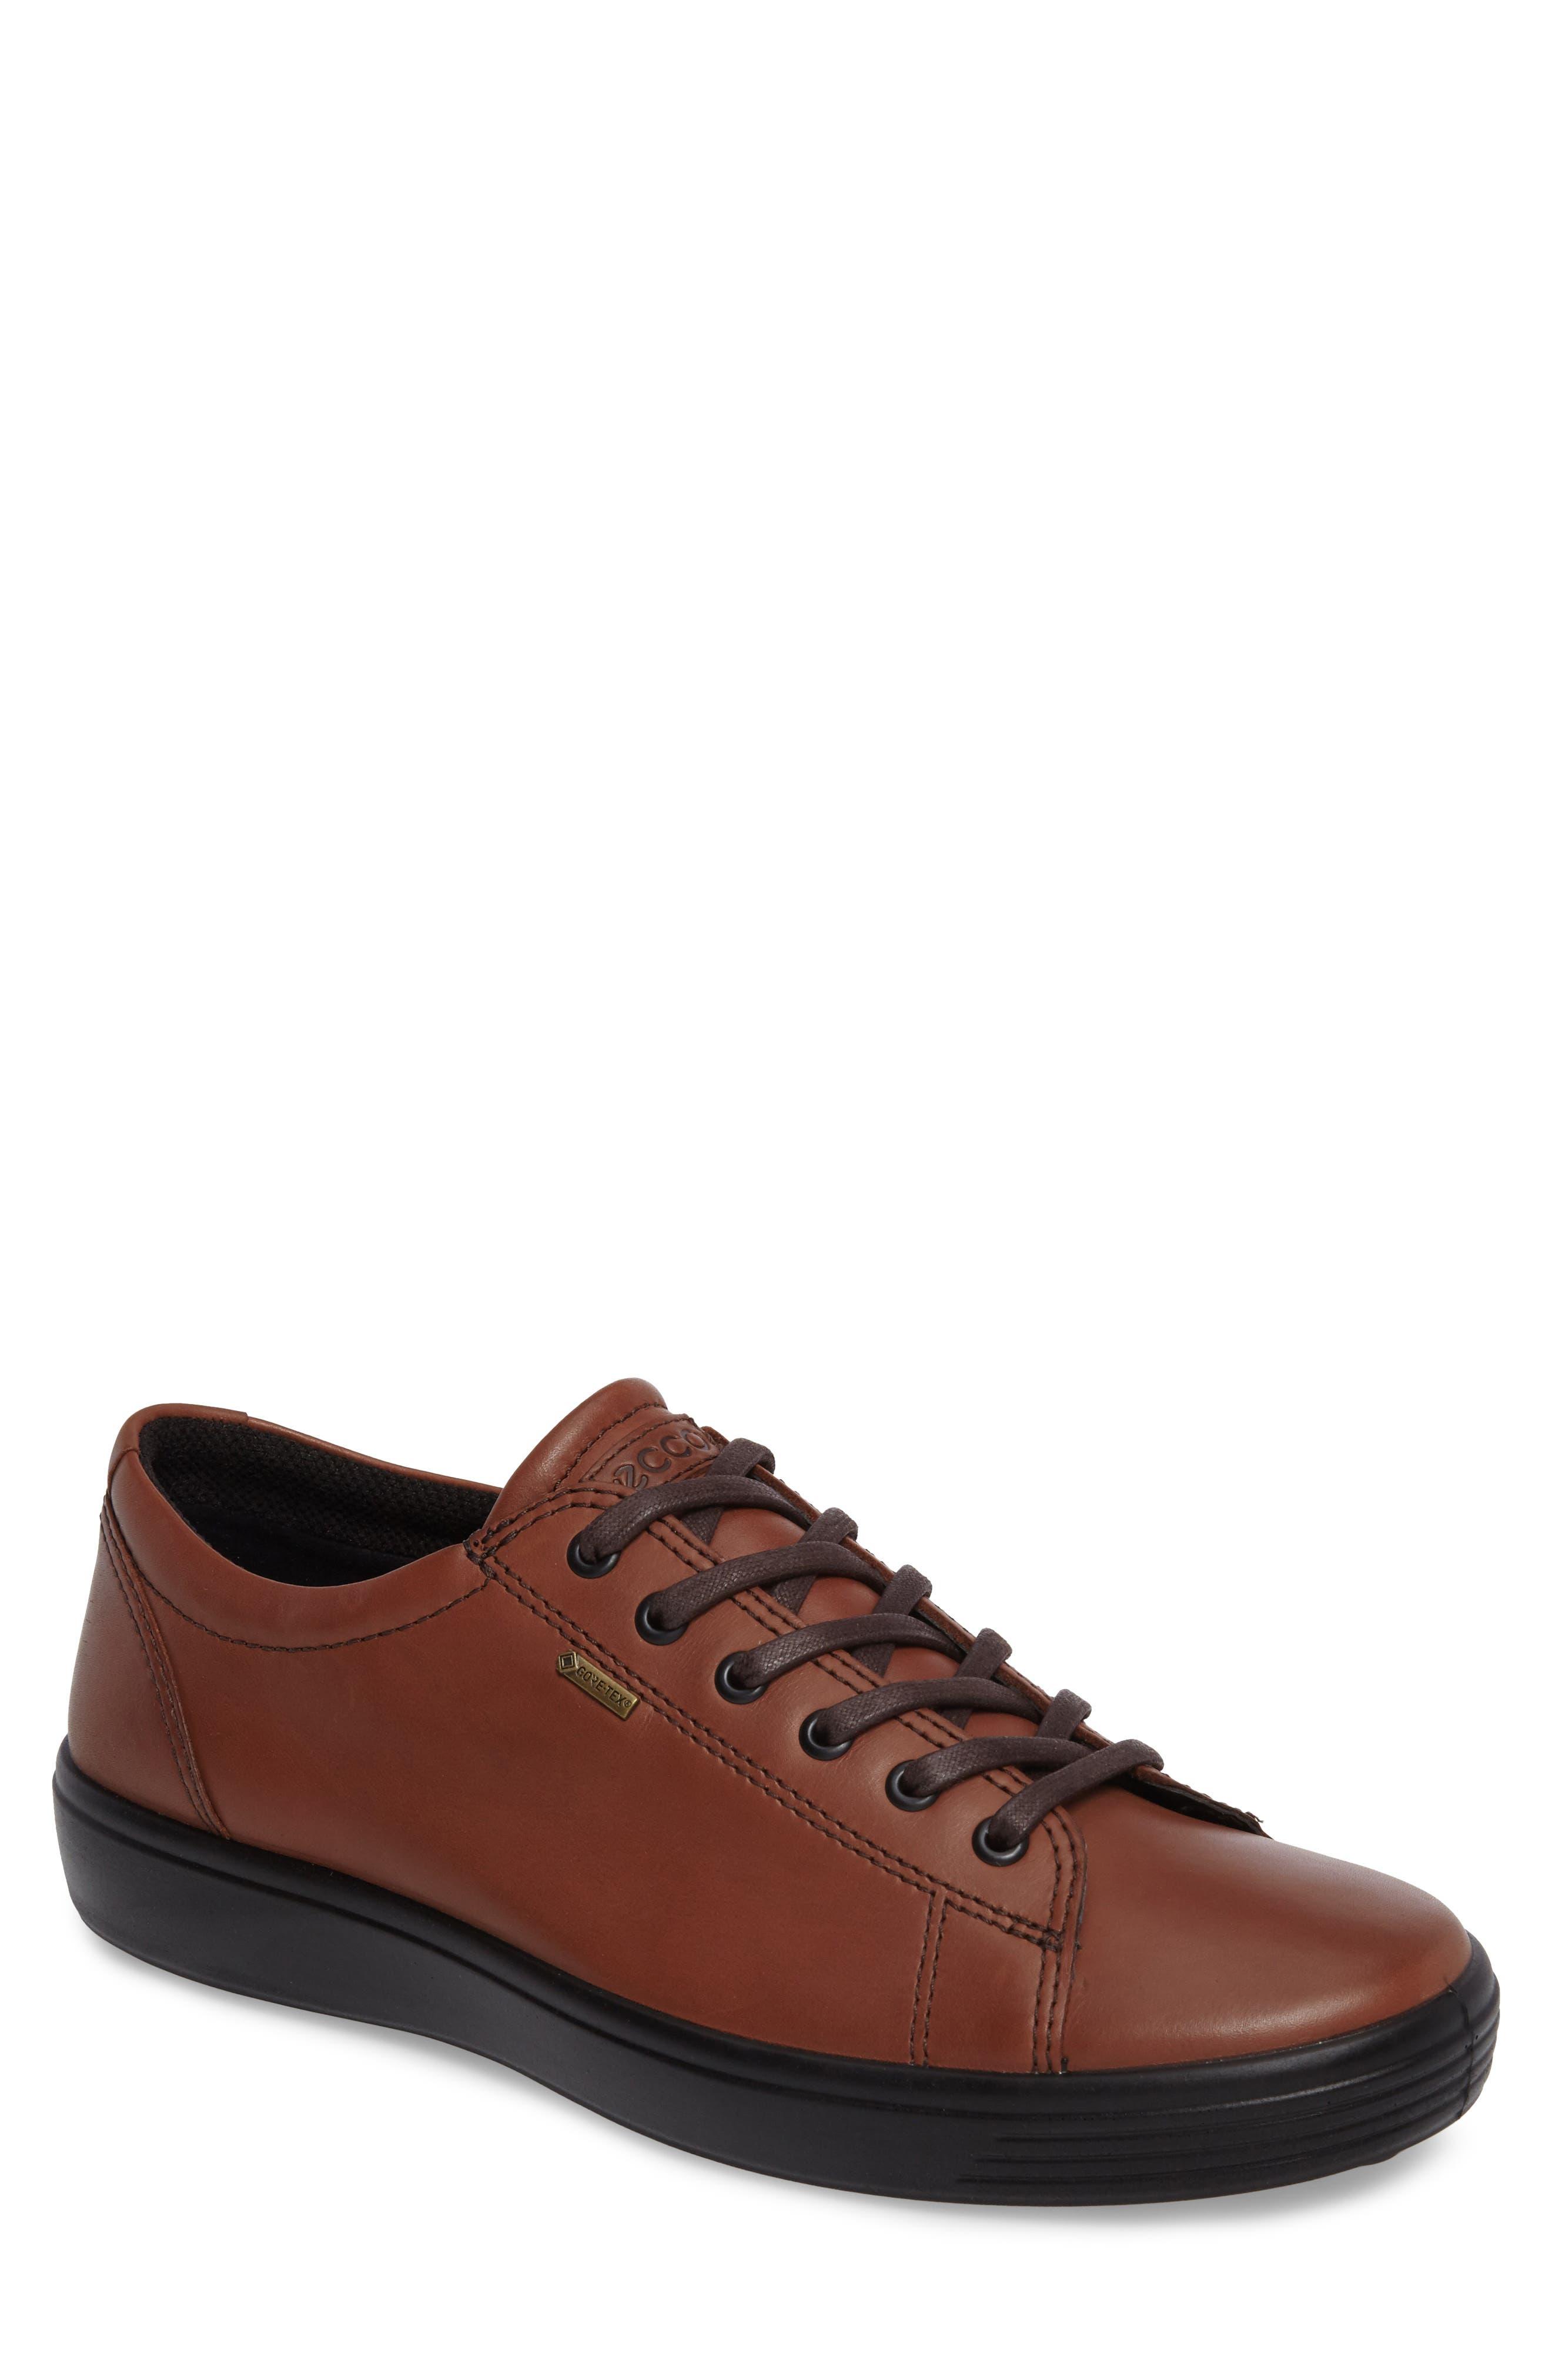 Main Image - ECCO Soft 7 Low Sneaker (Men)